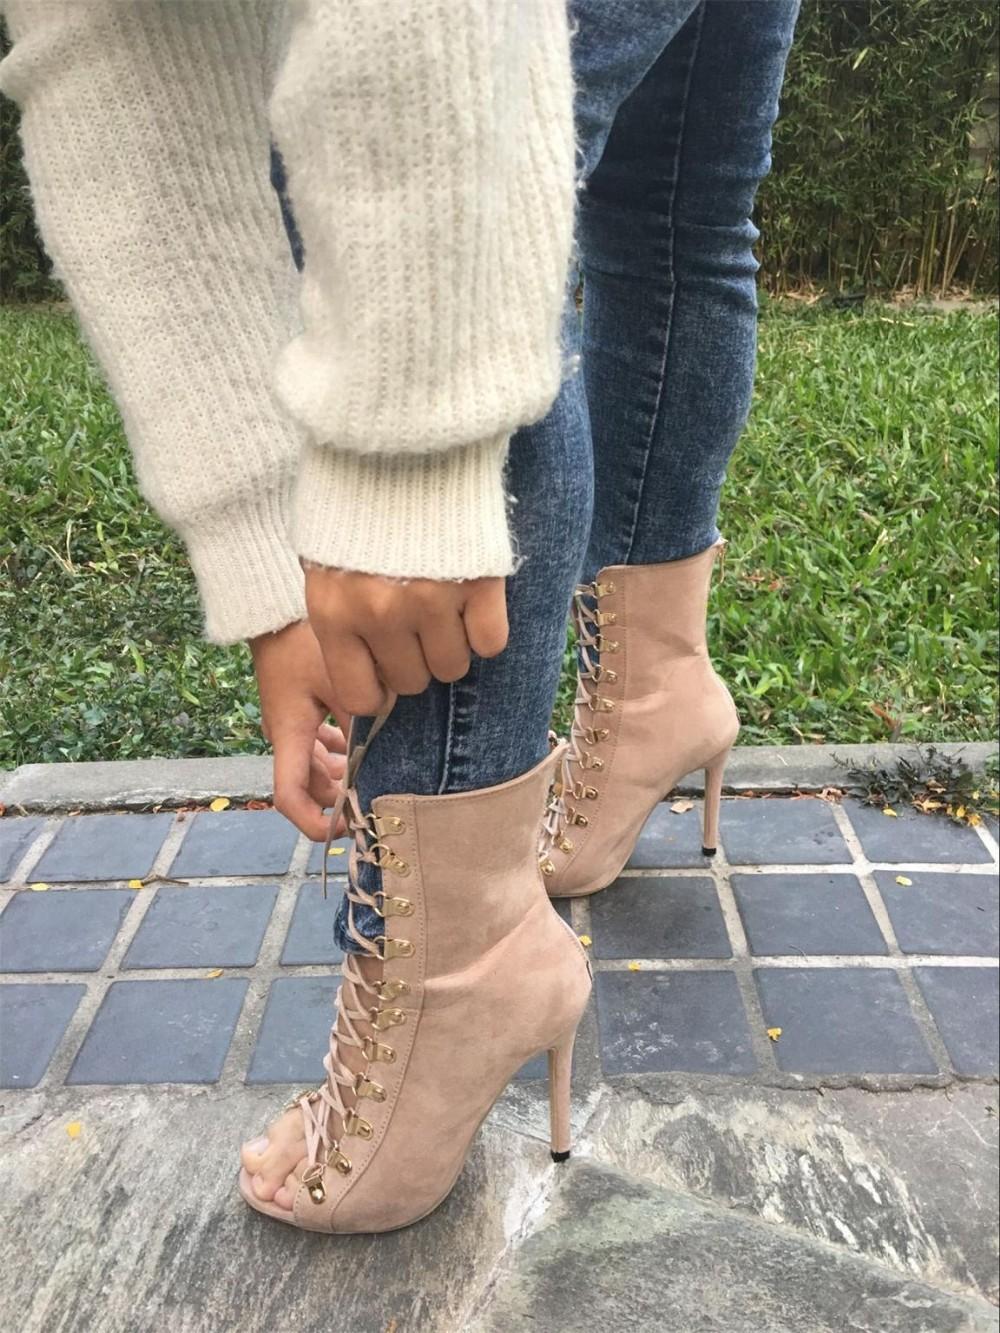 gladiator strappy sandals boots - free shipping! Gladiator Strappy Sandals Boots – Free Shipping! HTB1CaJgOVXXXXcVapXXq6xXFXXXW